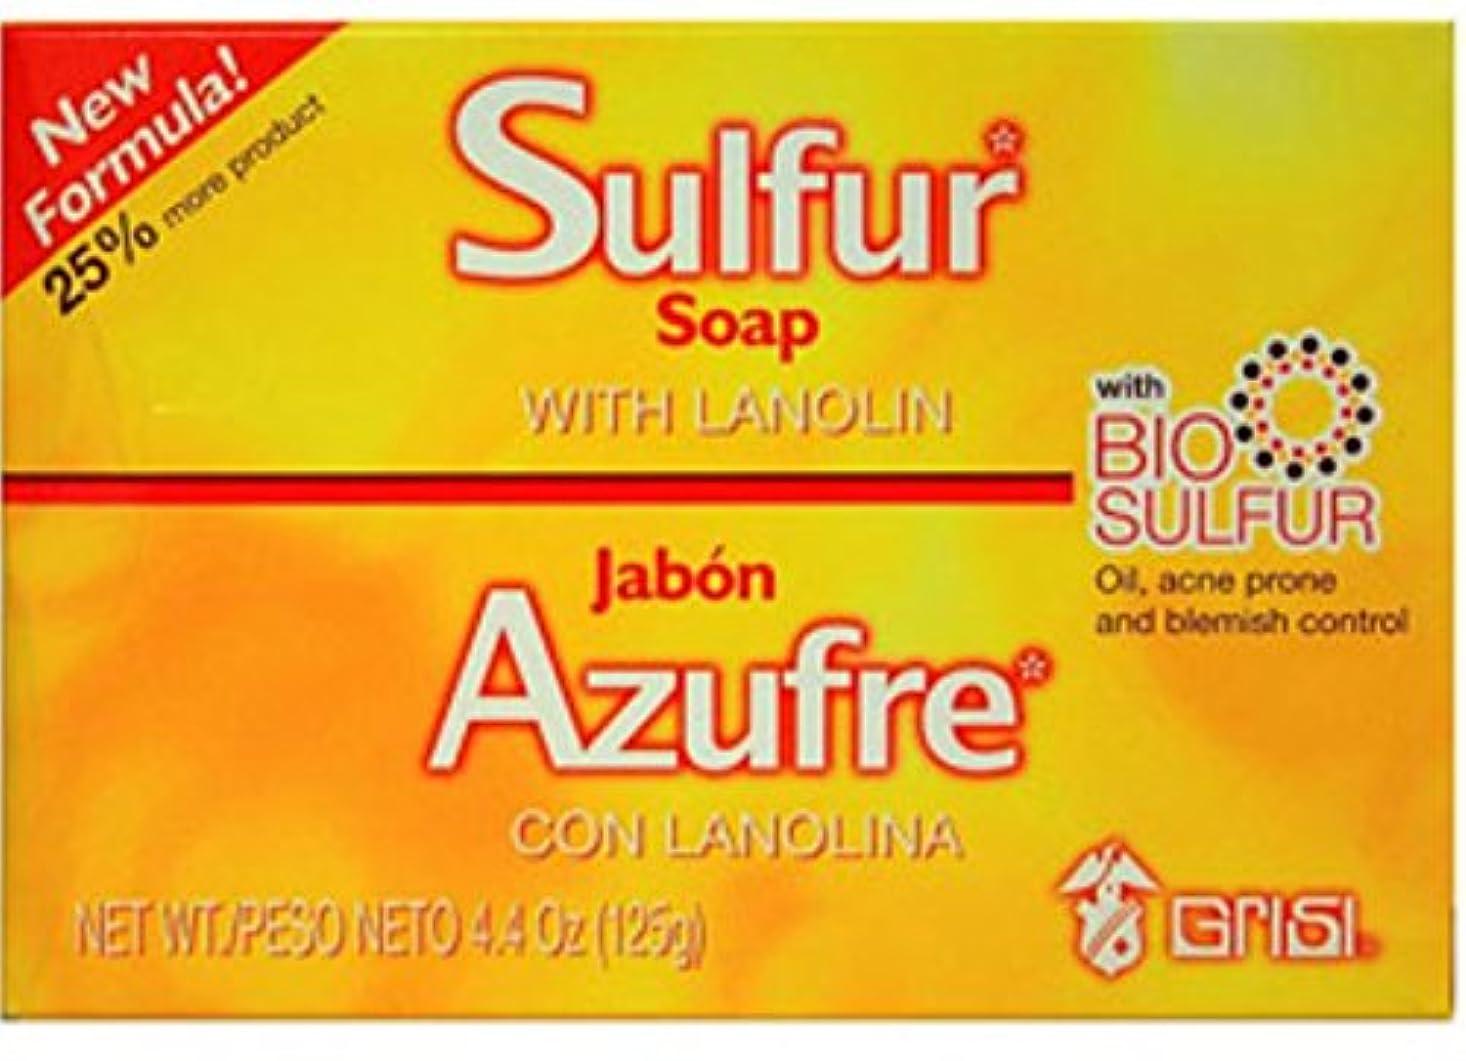 誰も気質怠惰Grisi ラノリン、4.4オズ(12パック)付きバイオ硫黄ソープ 12のパック